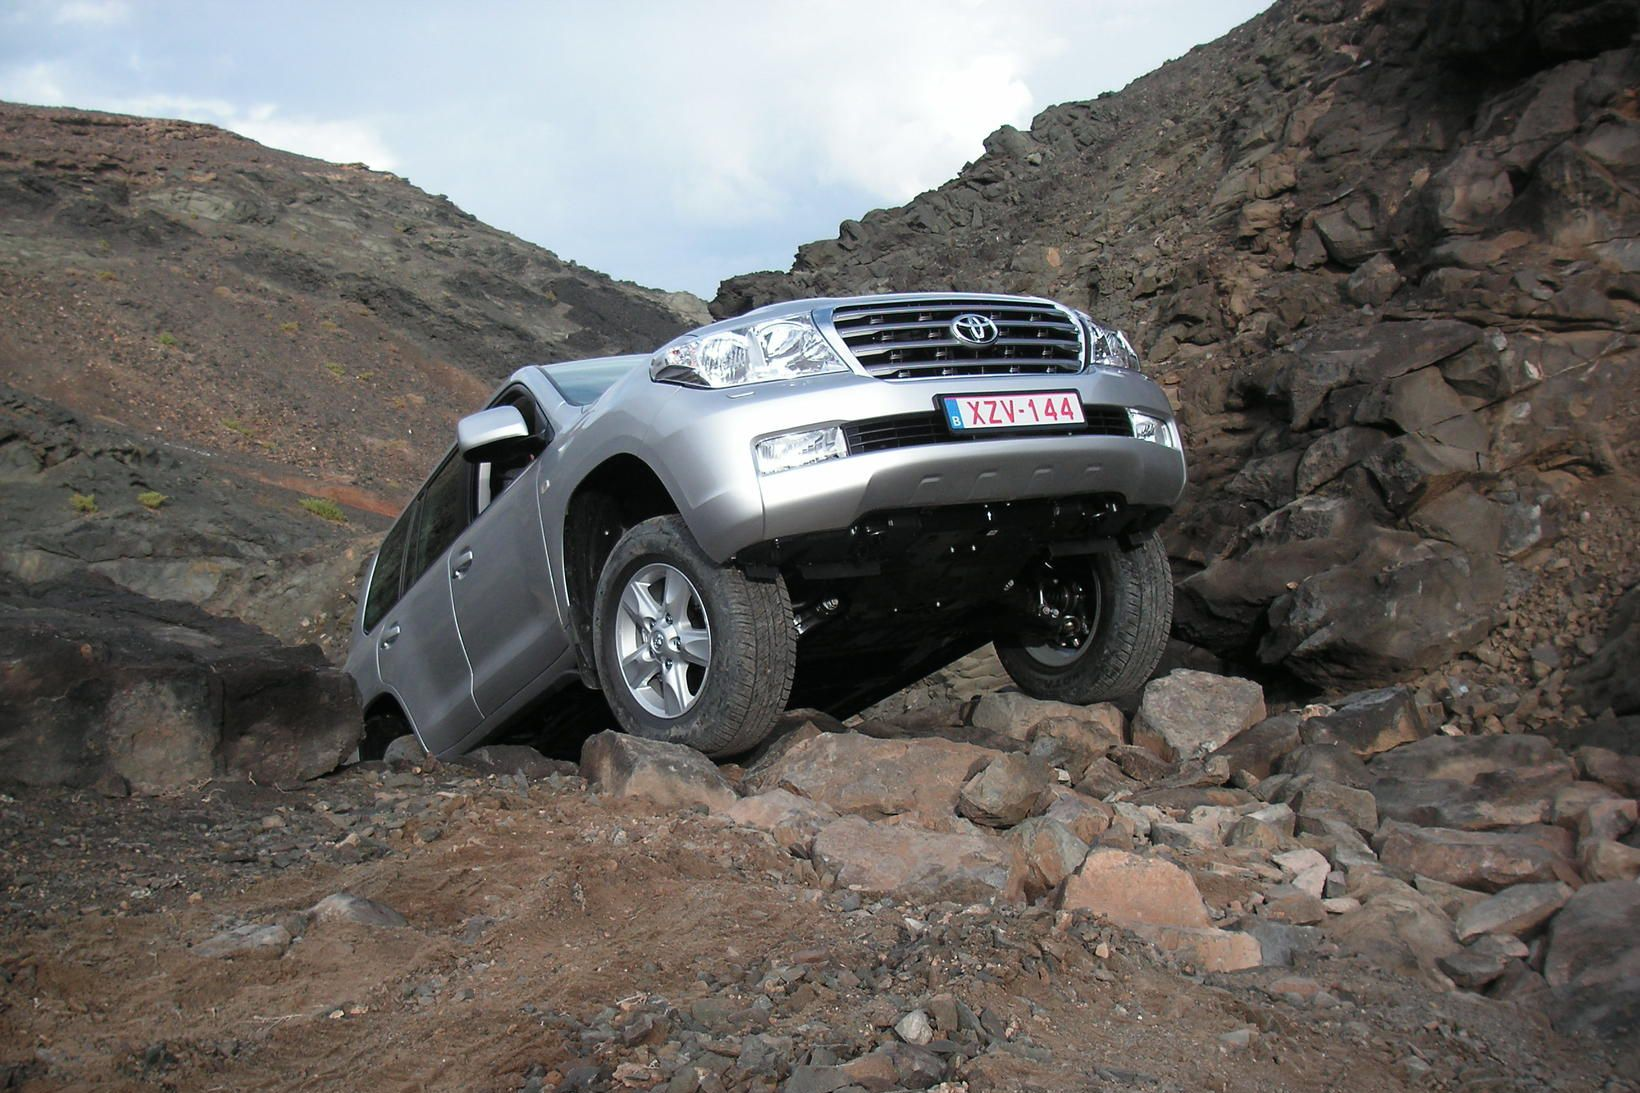 Toyota Land Cruiser tekinn til kostanna við reynsluakstur blaðamanna á …